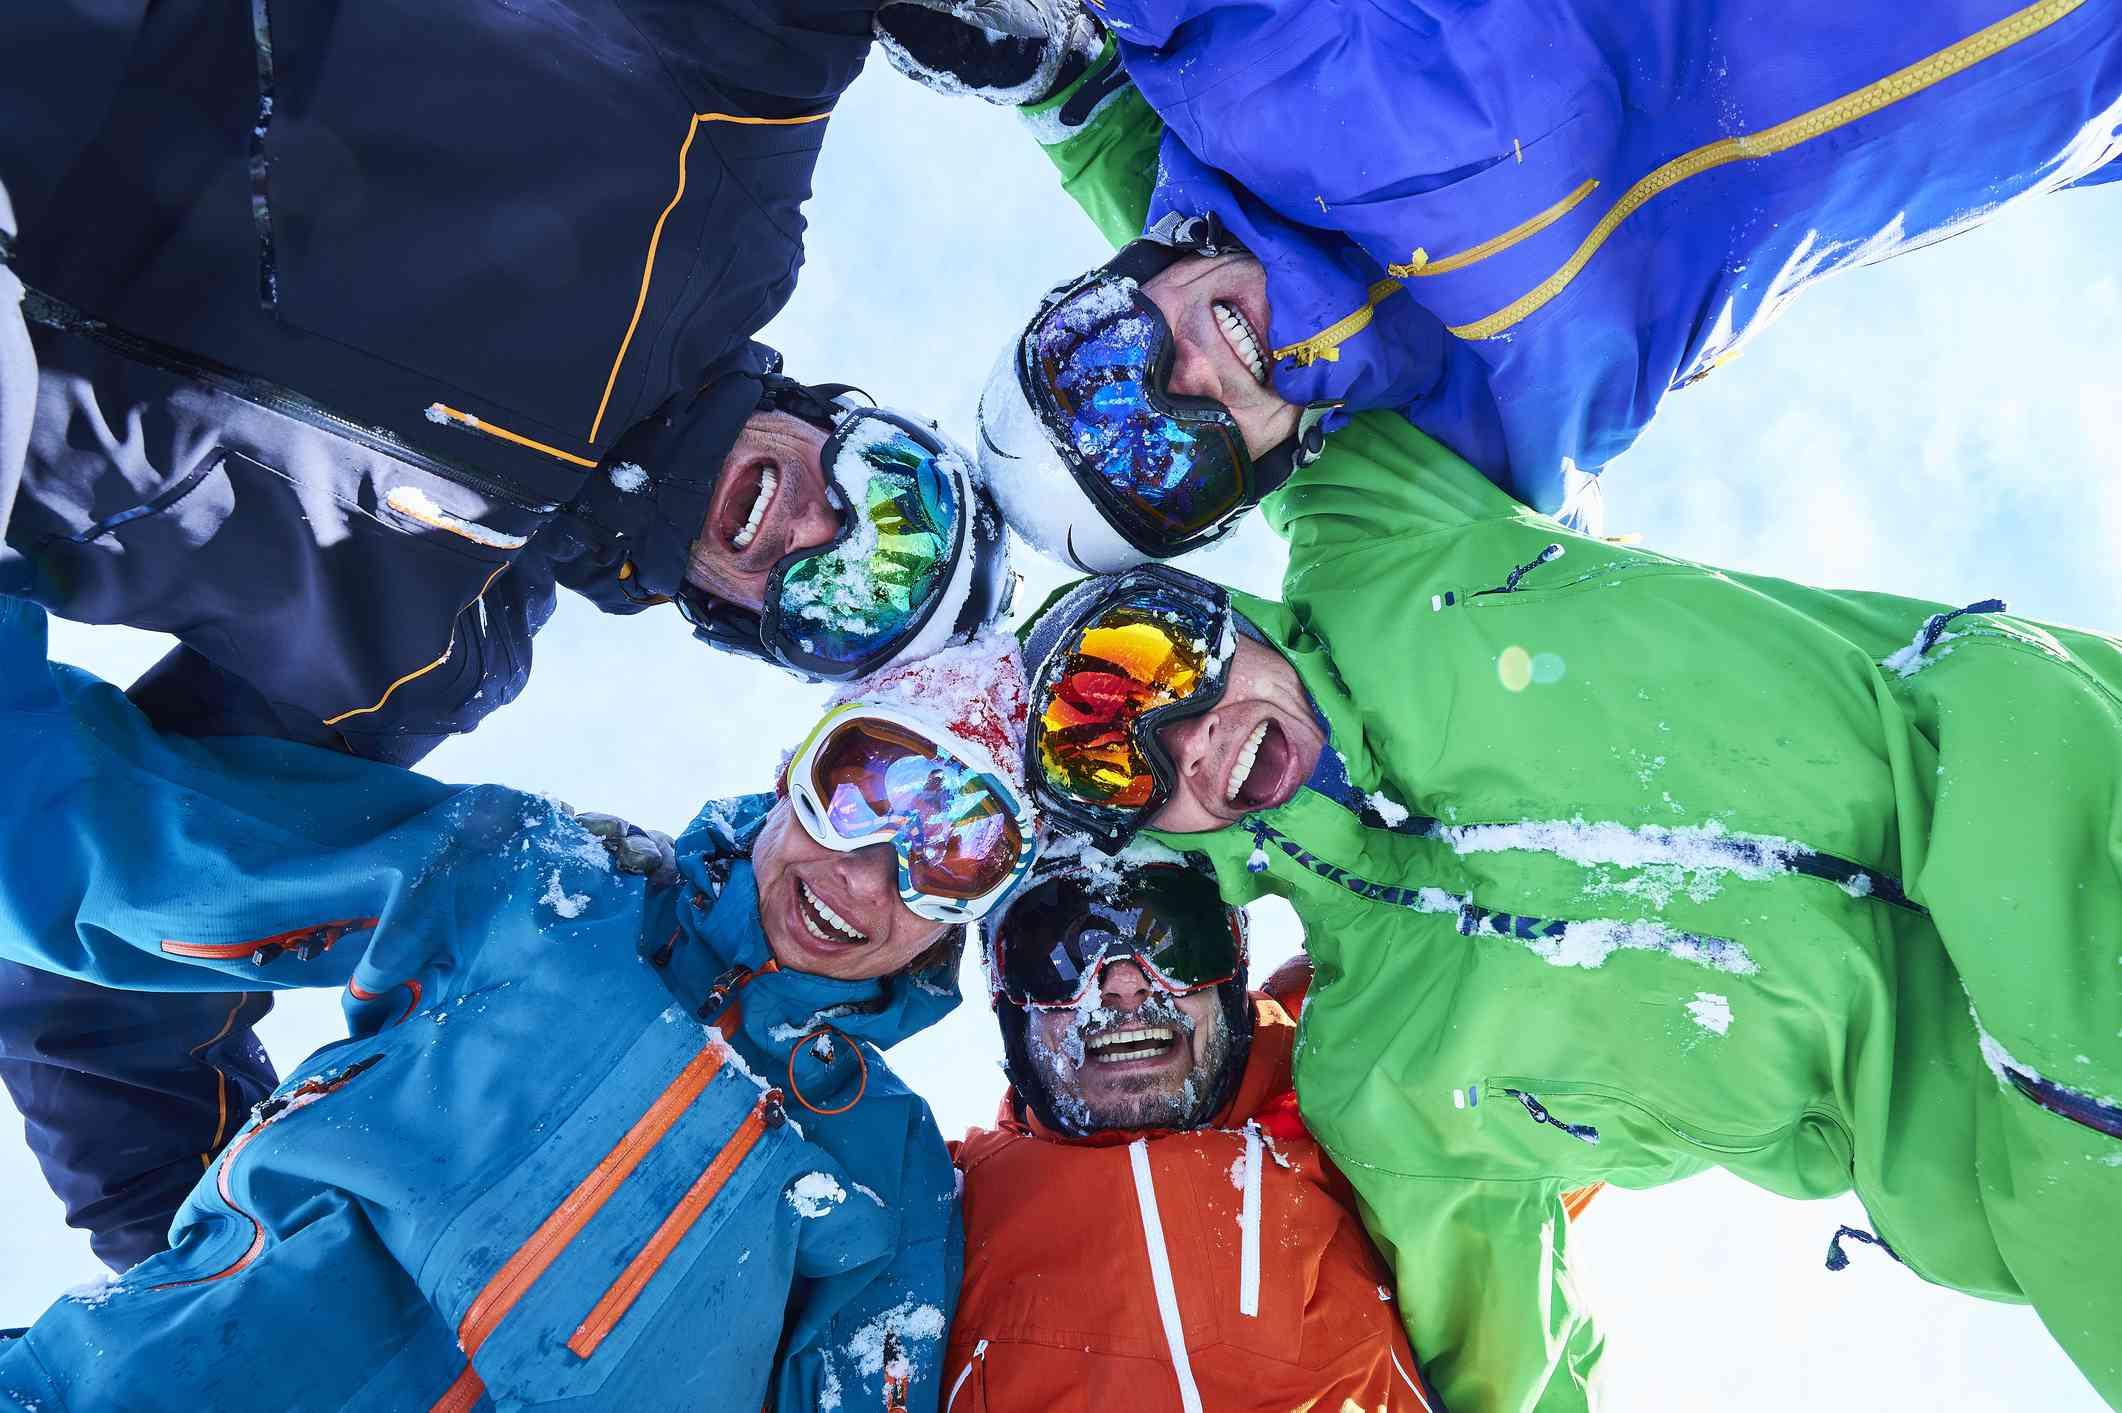 Friends skiing in Colorado